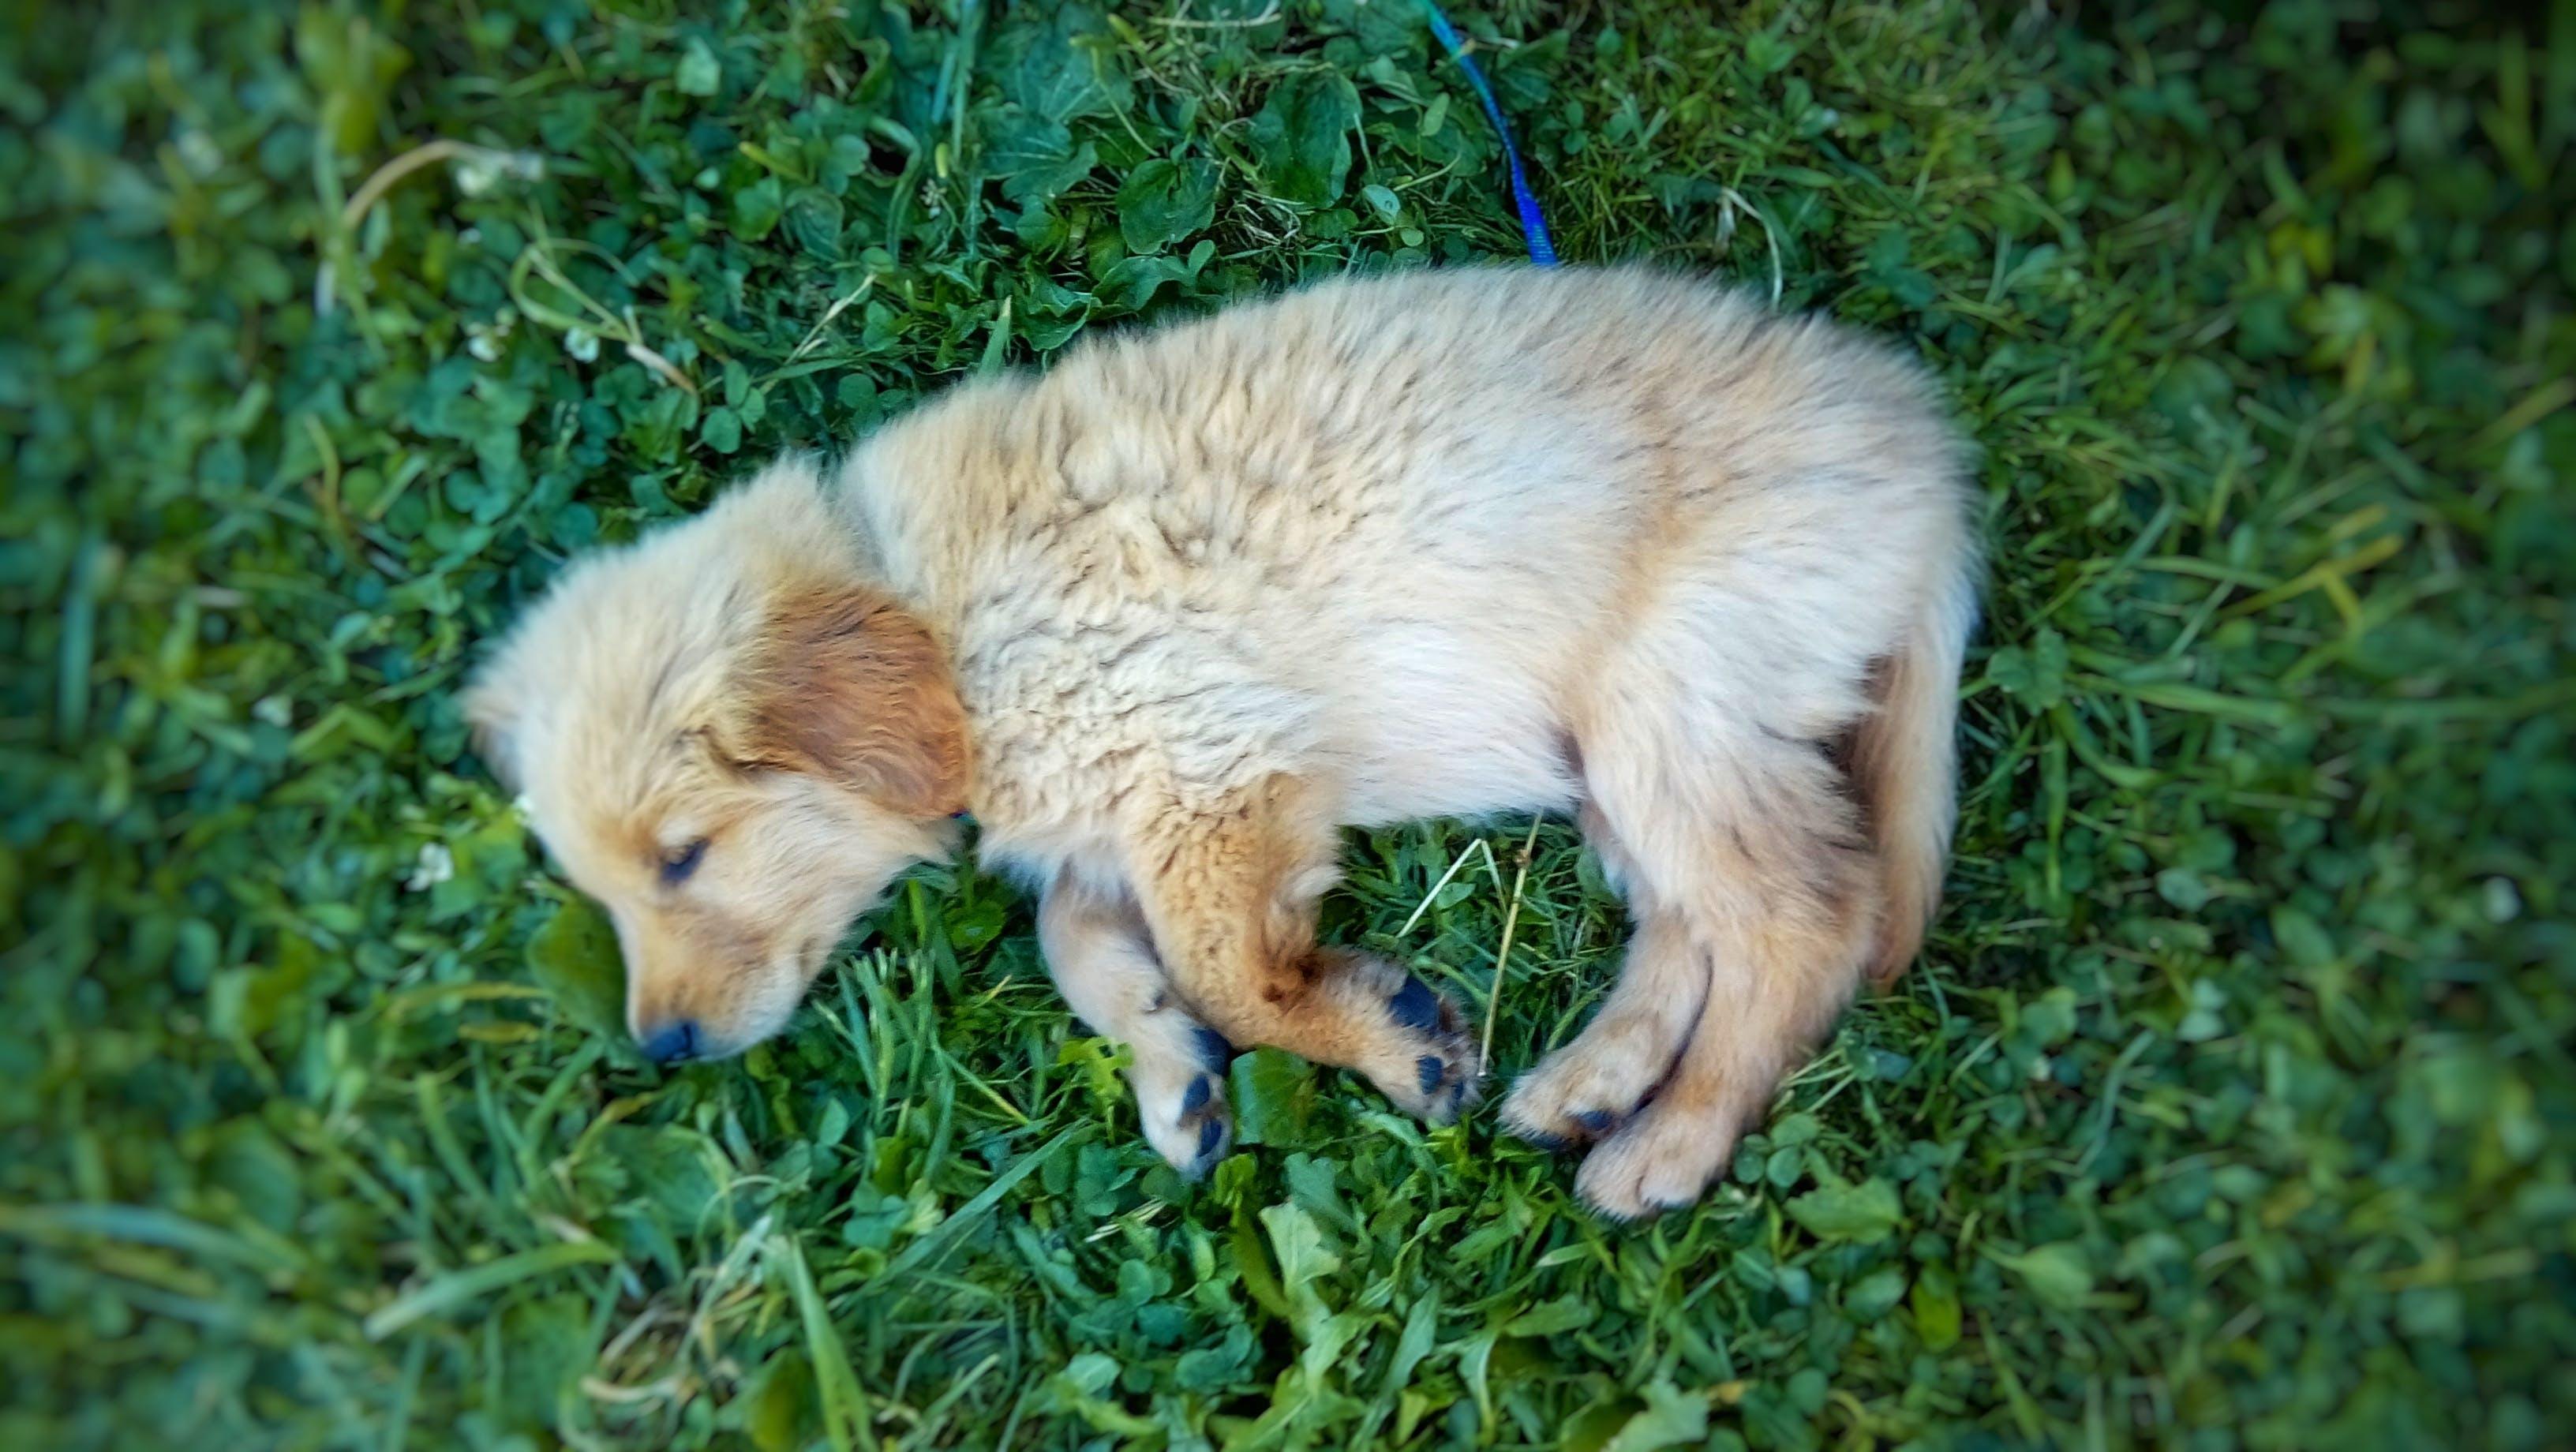 Free stock photo of dog, golden retriever, grass, HD wallpaper